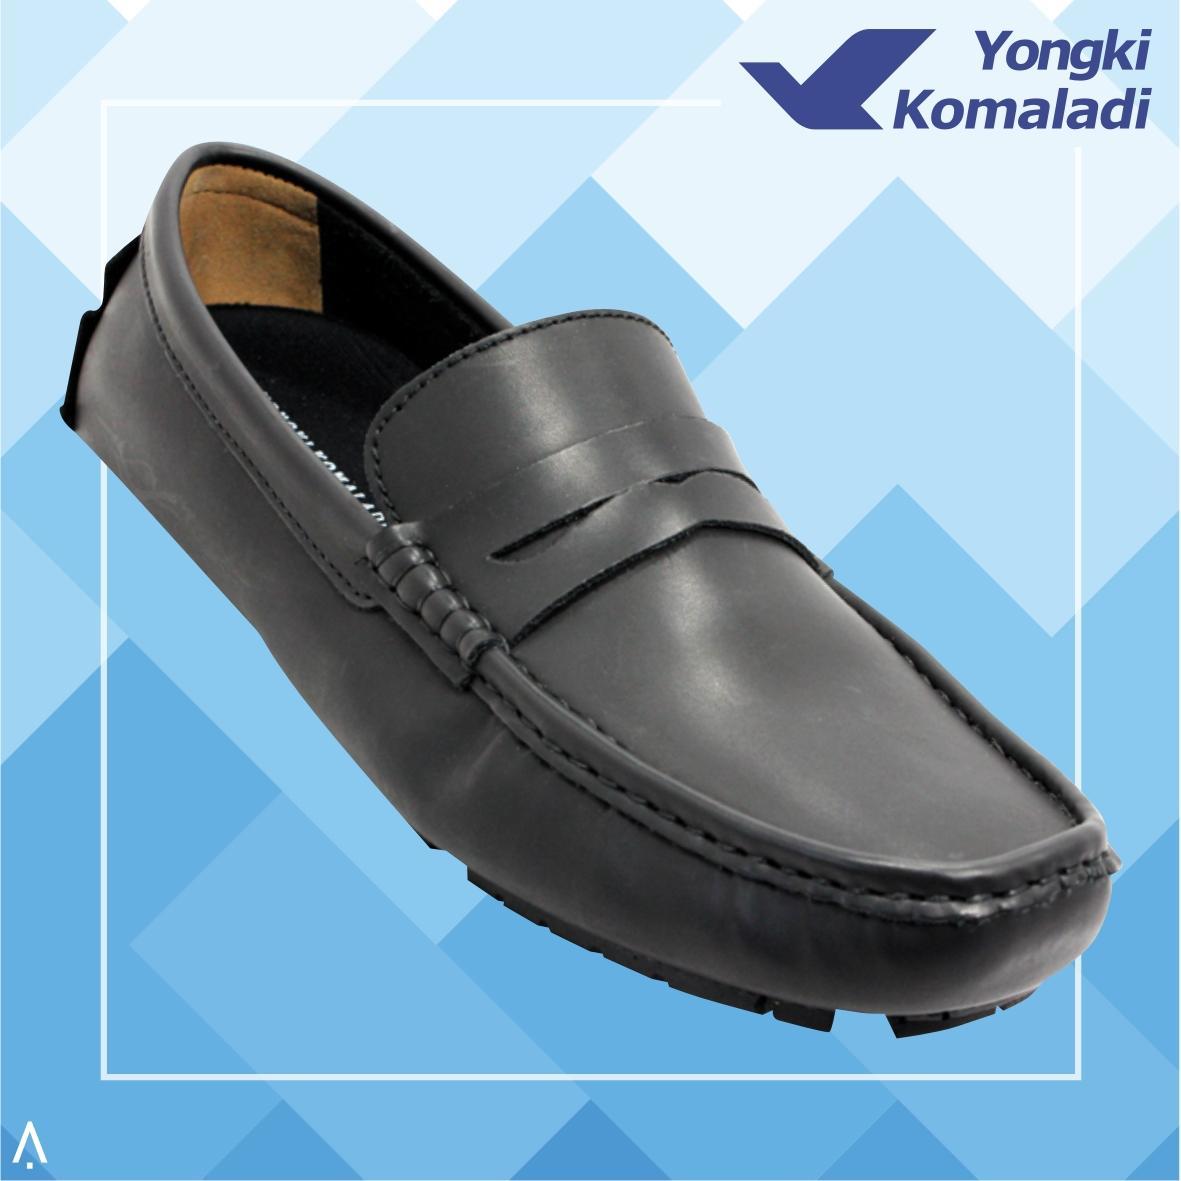 Yongki Komaladi Fashion Yongki Komaladi Lazada